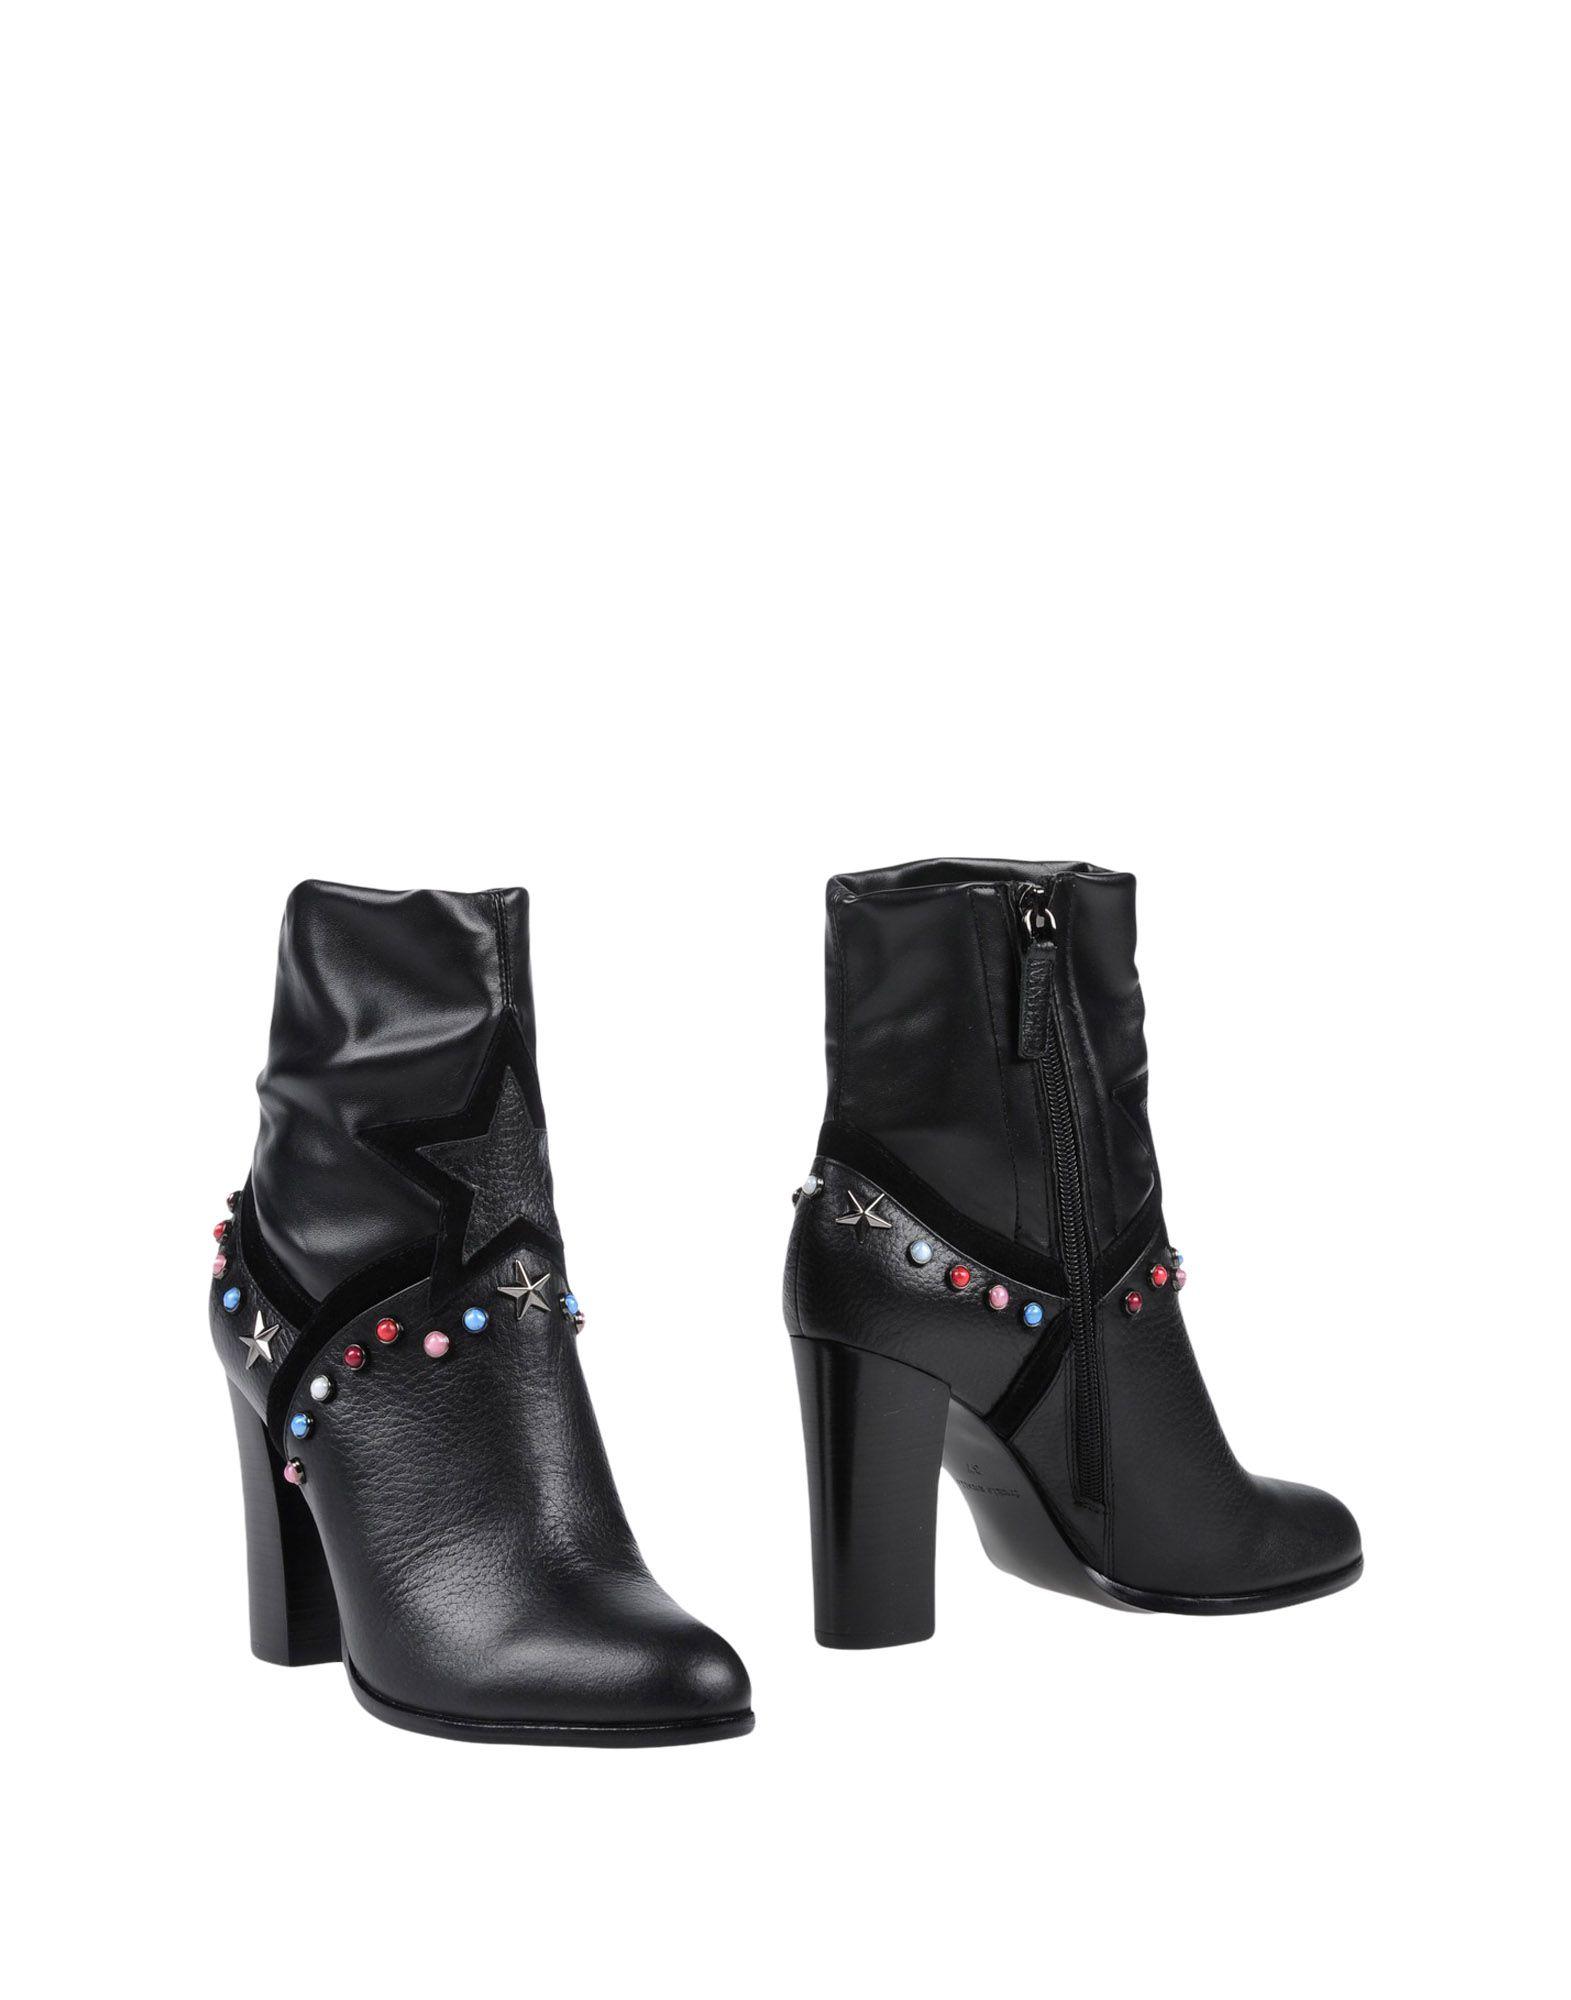 Frankie Morello Stiefelette Damen  11450524MSGut aussehende strapazierfähige Schuhe